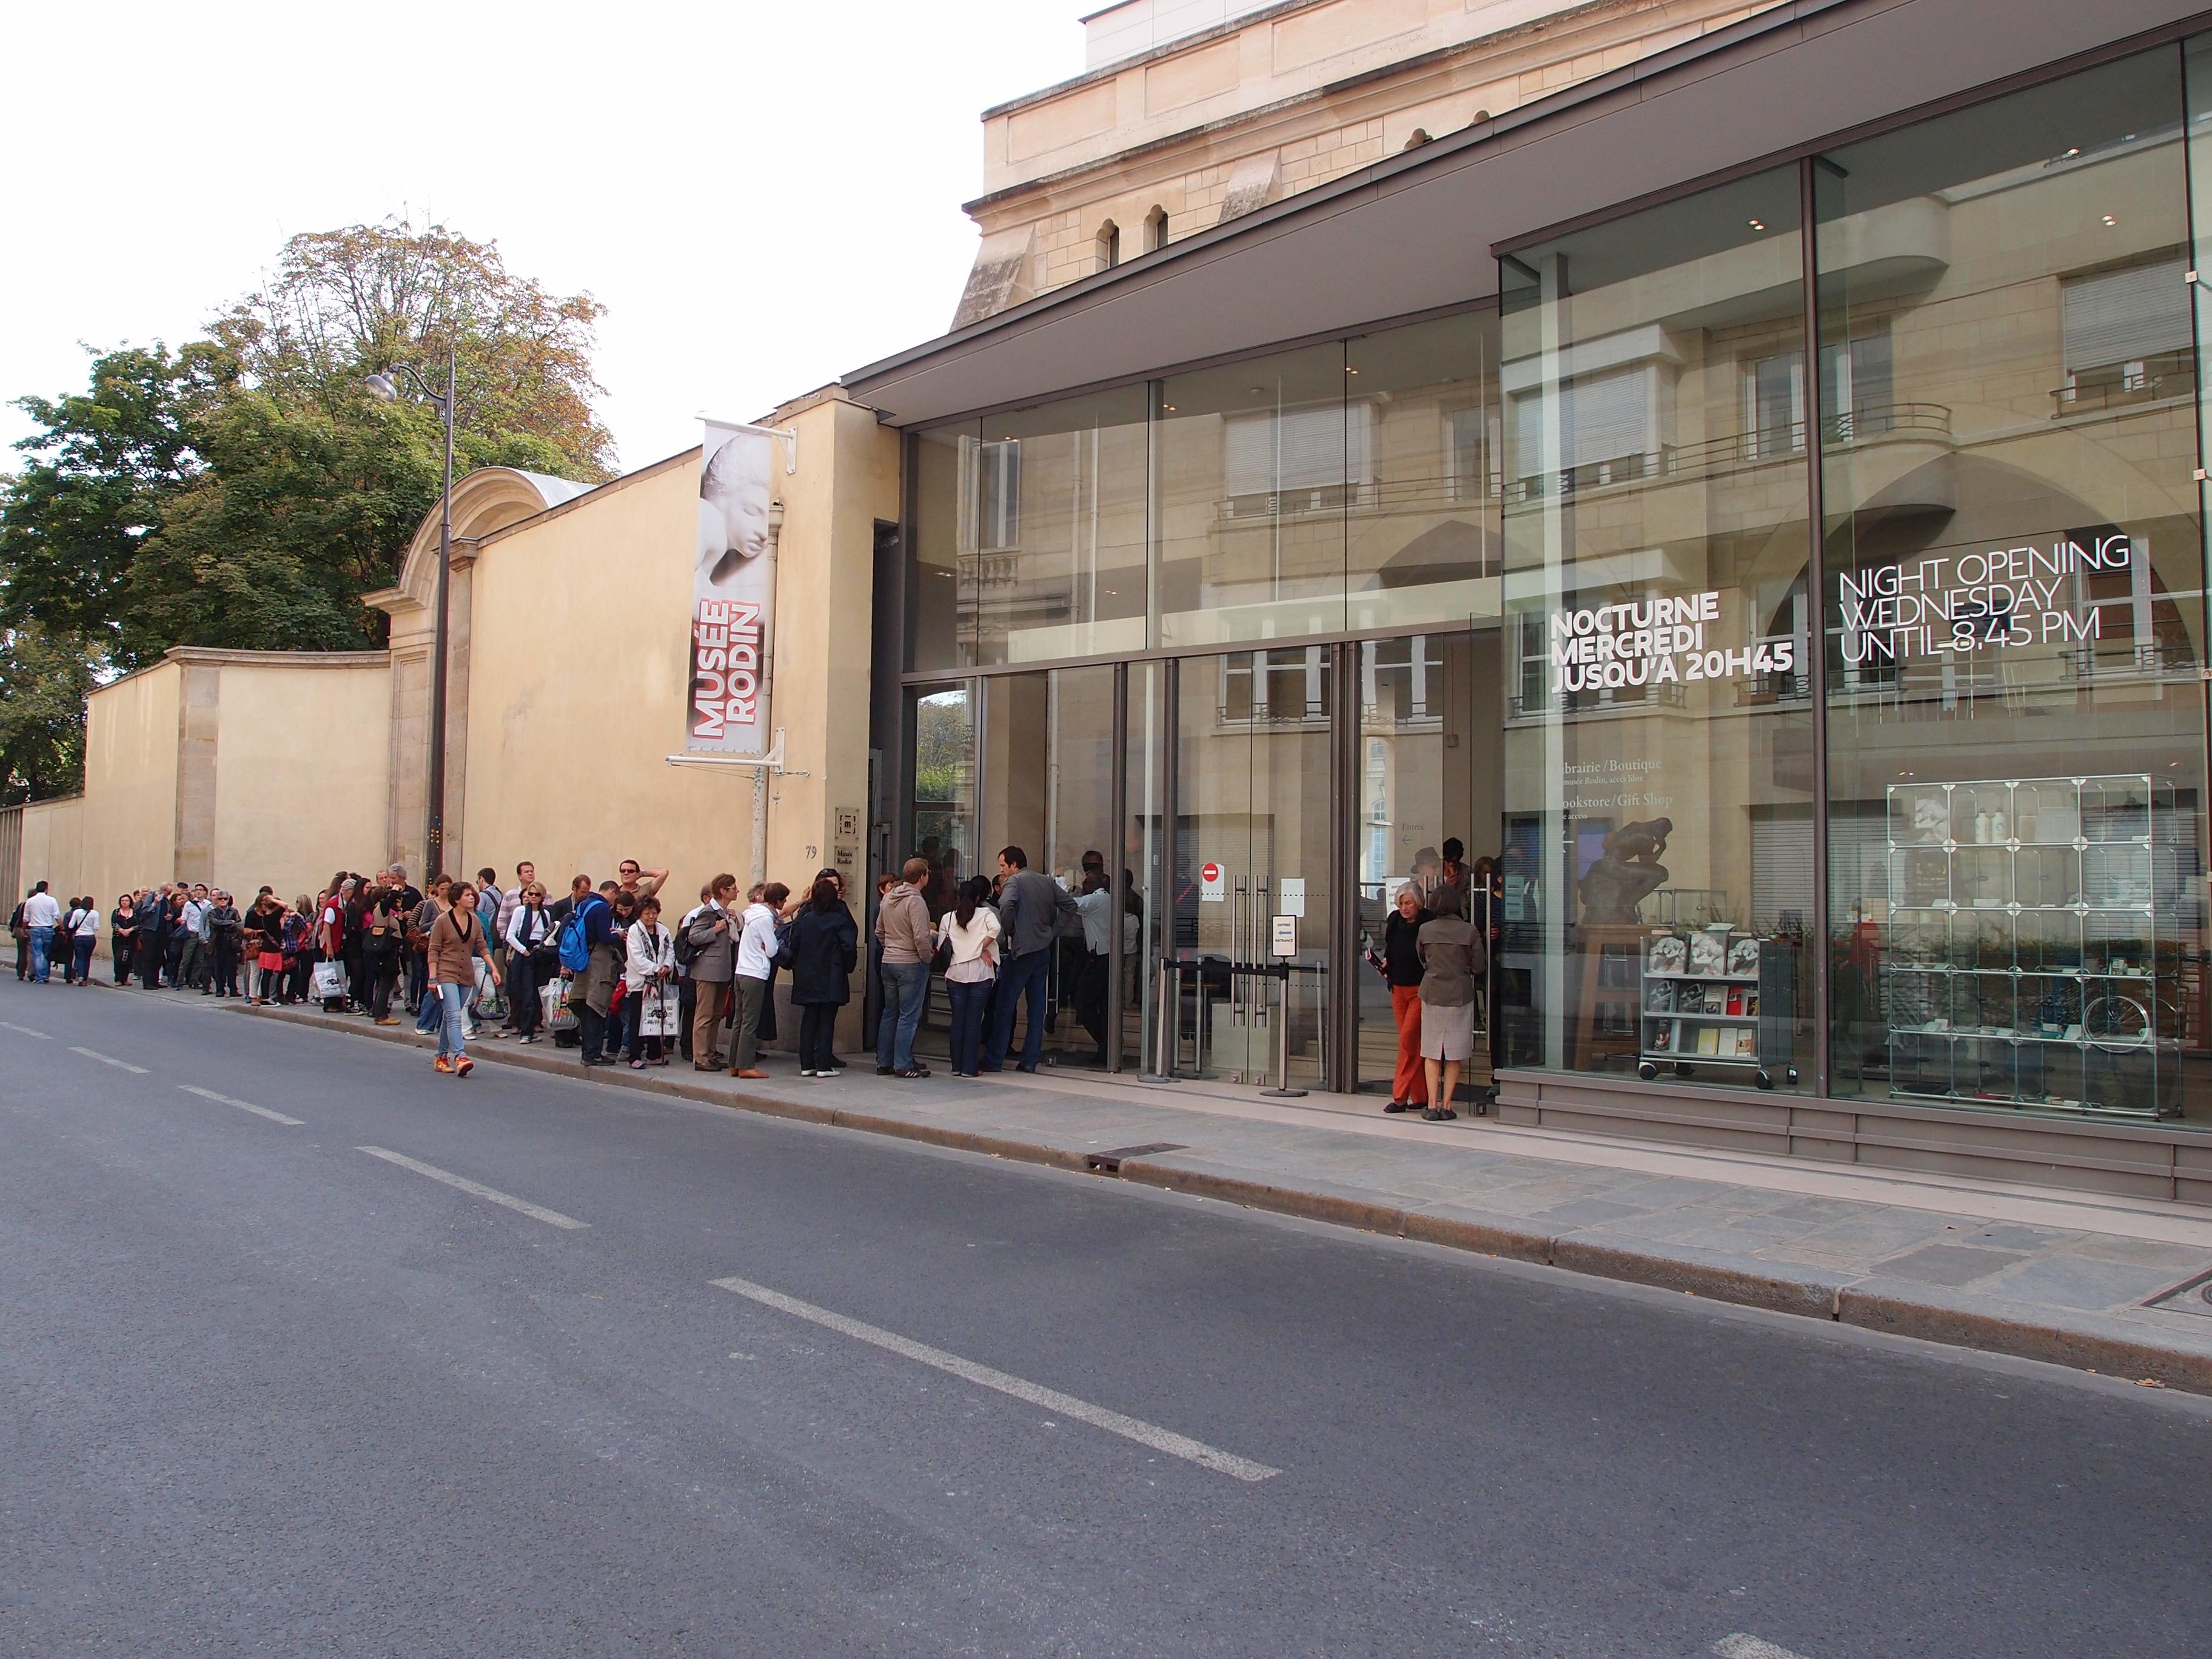 Entrée du musée Rodin à Paris